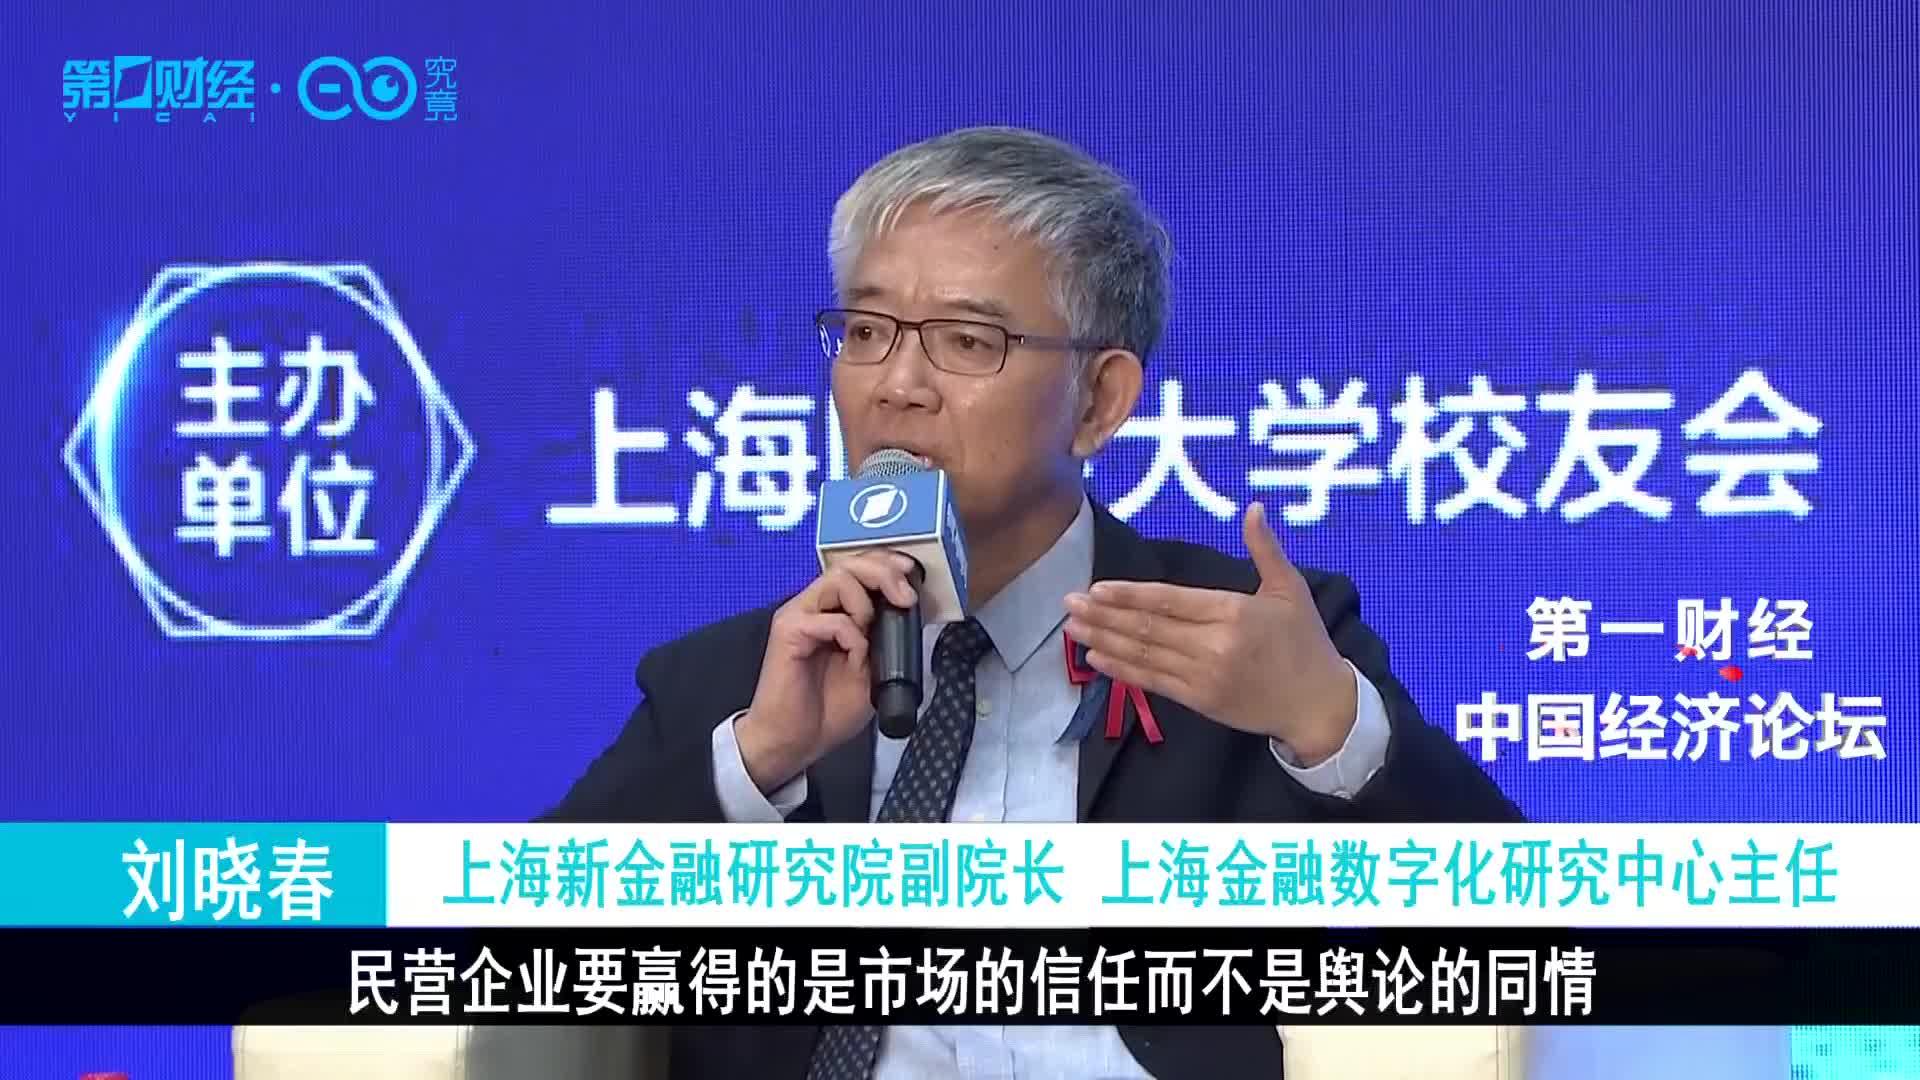 刘晓春:私营企业融资本钱高昂不封面